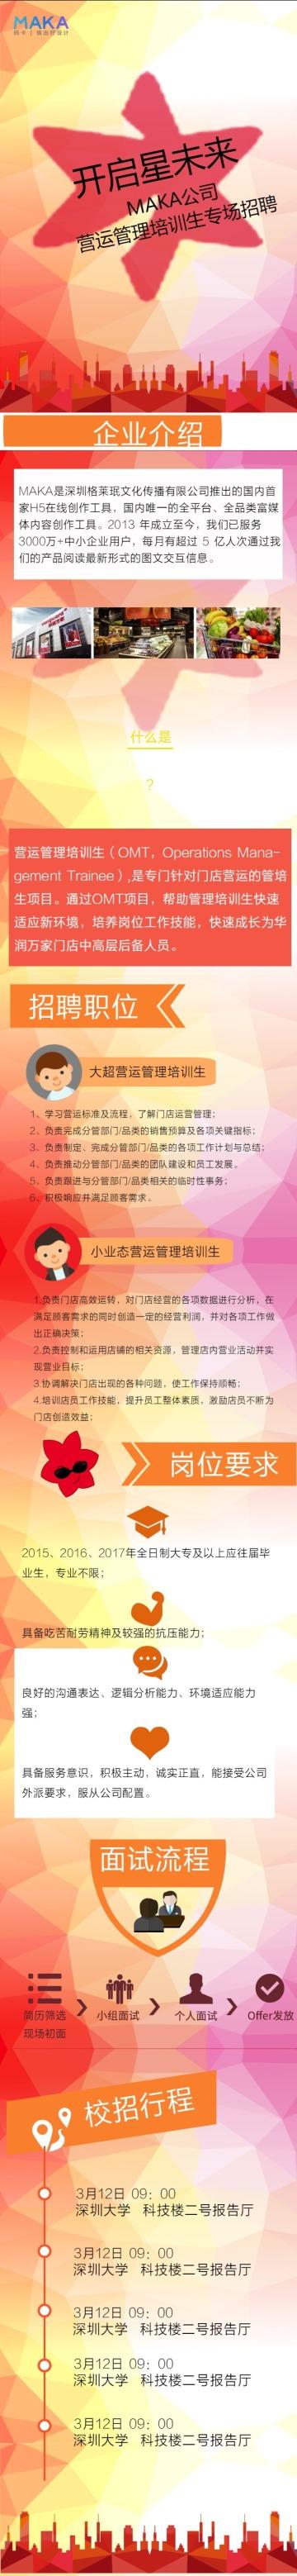 扁平简约橙红互联网企业校园招聘介绍推广单页